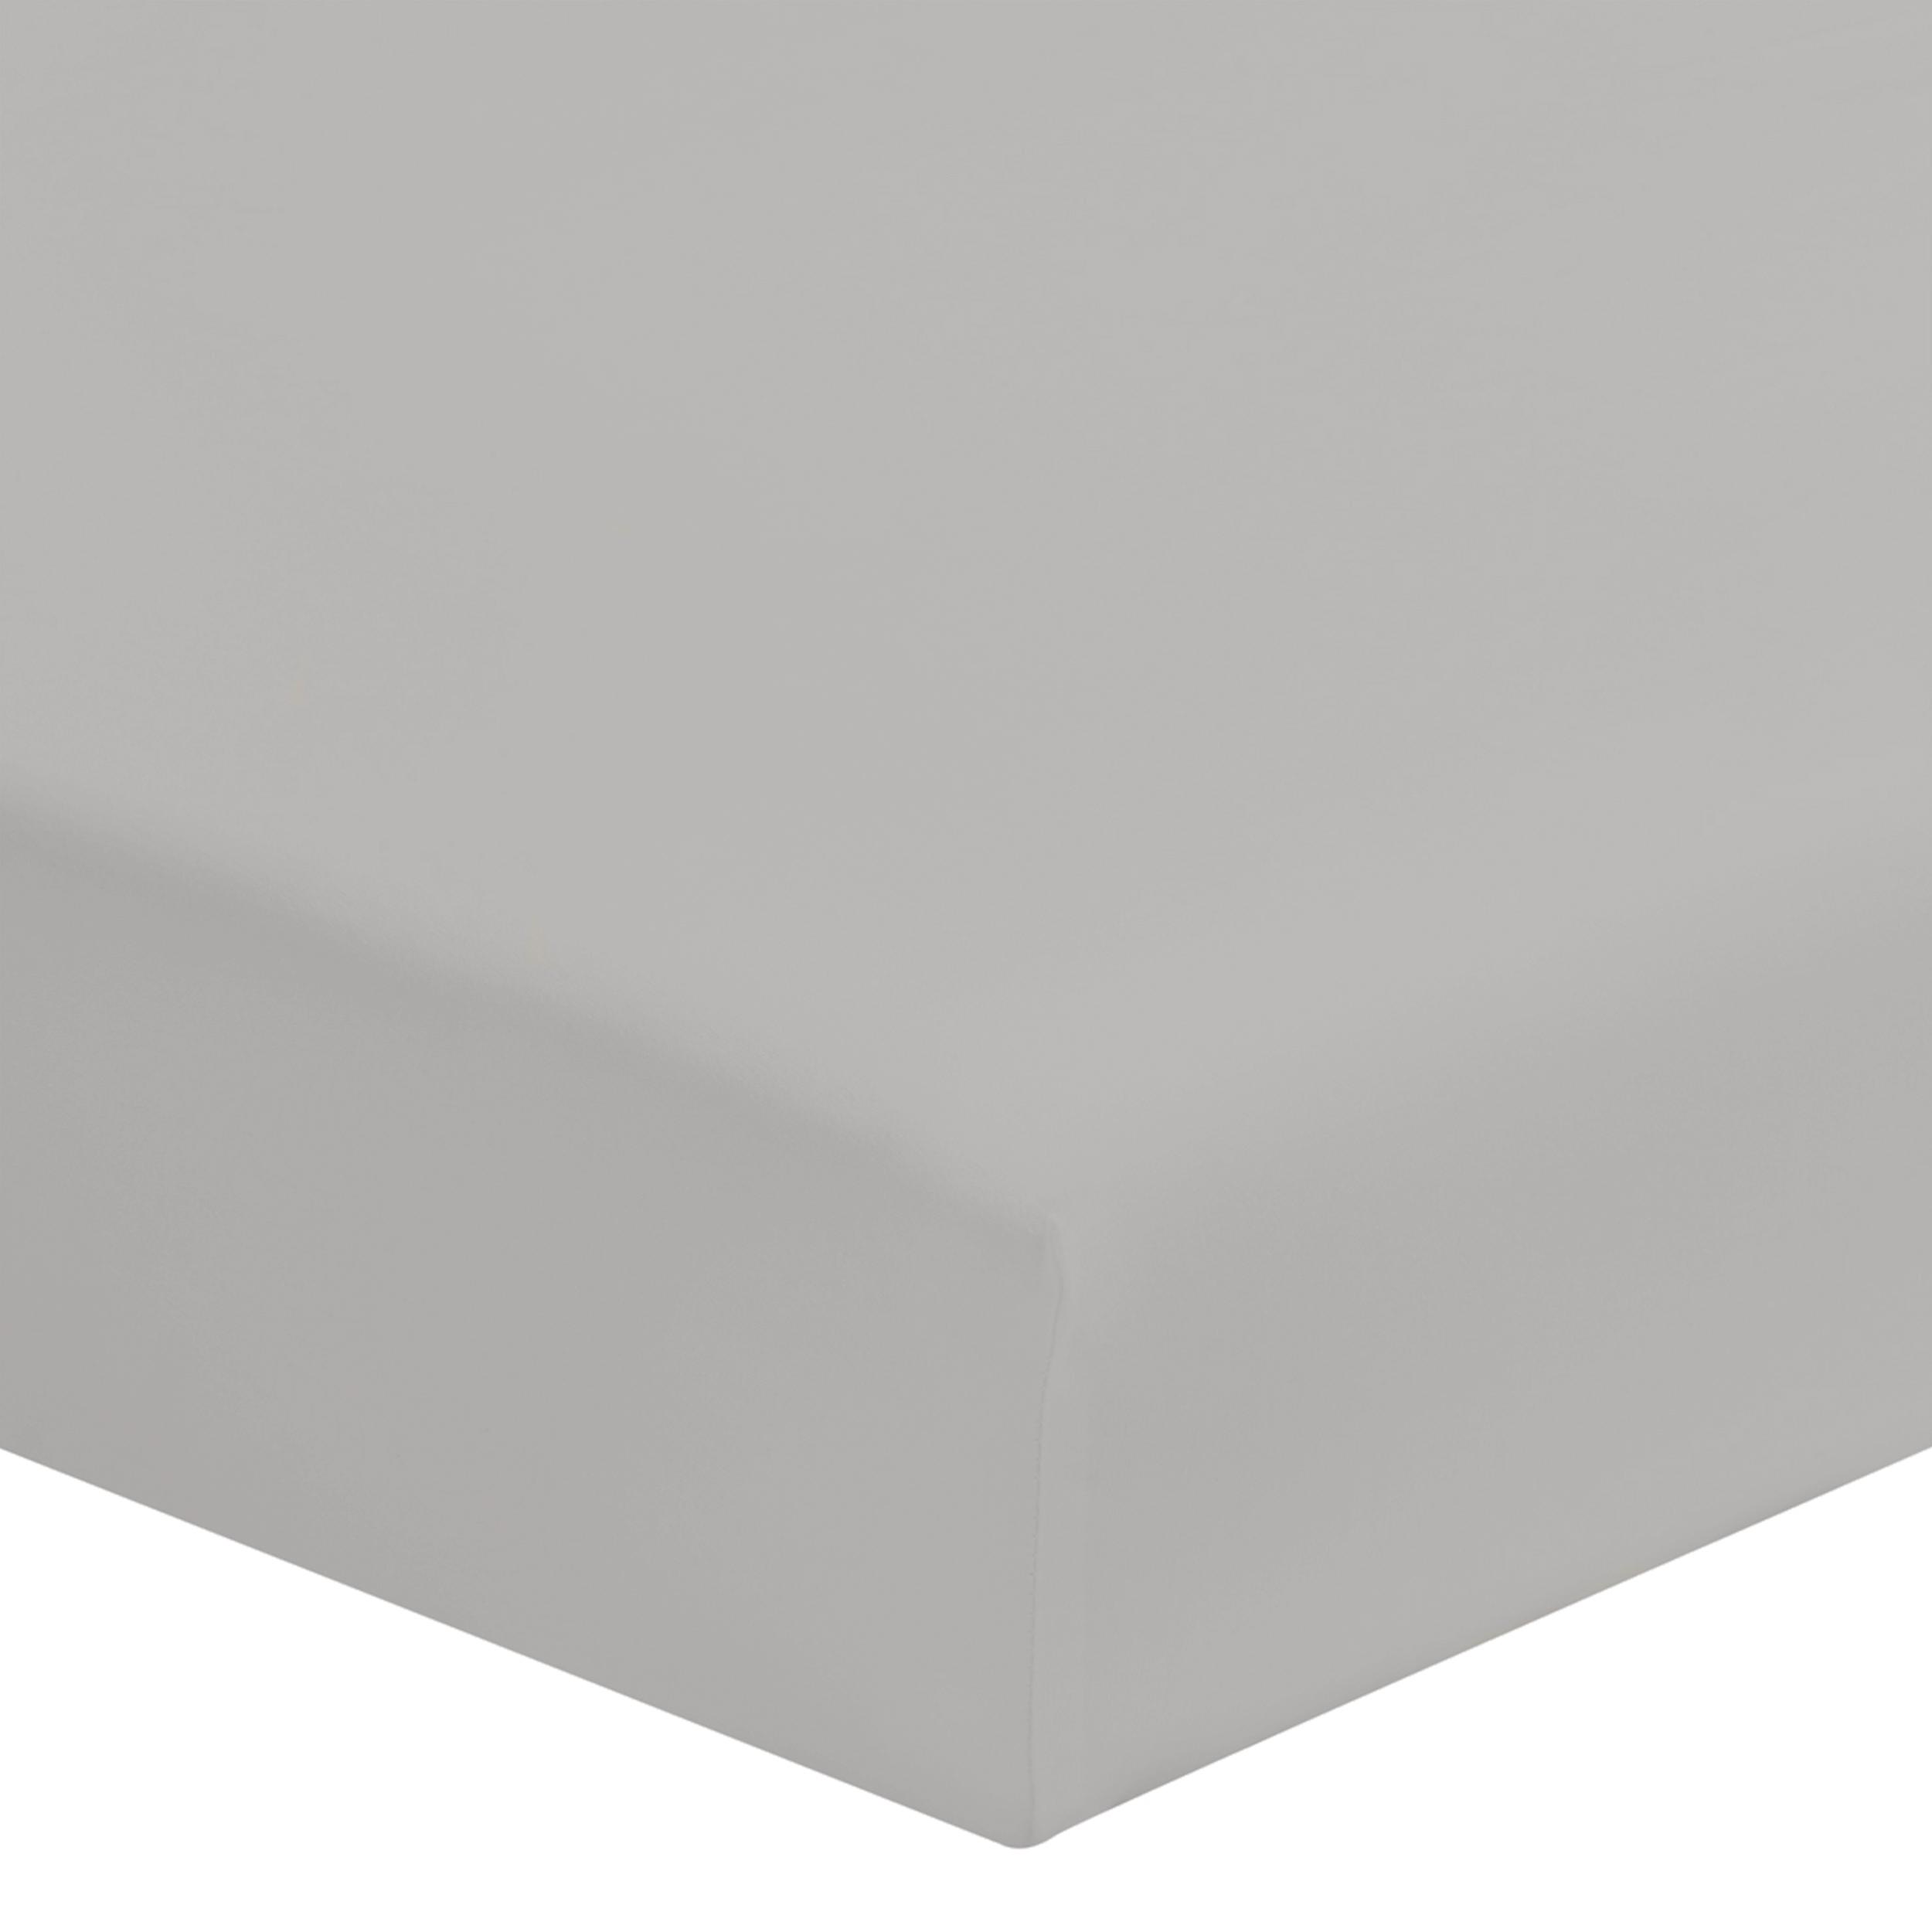 Drap housse uni en coton, gris 160x200